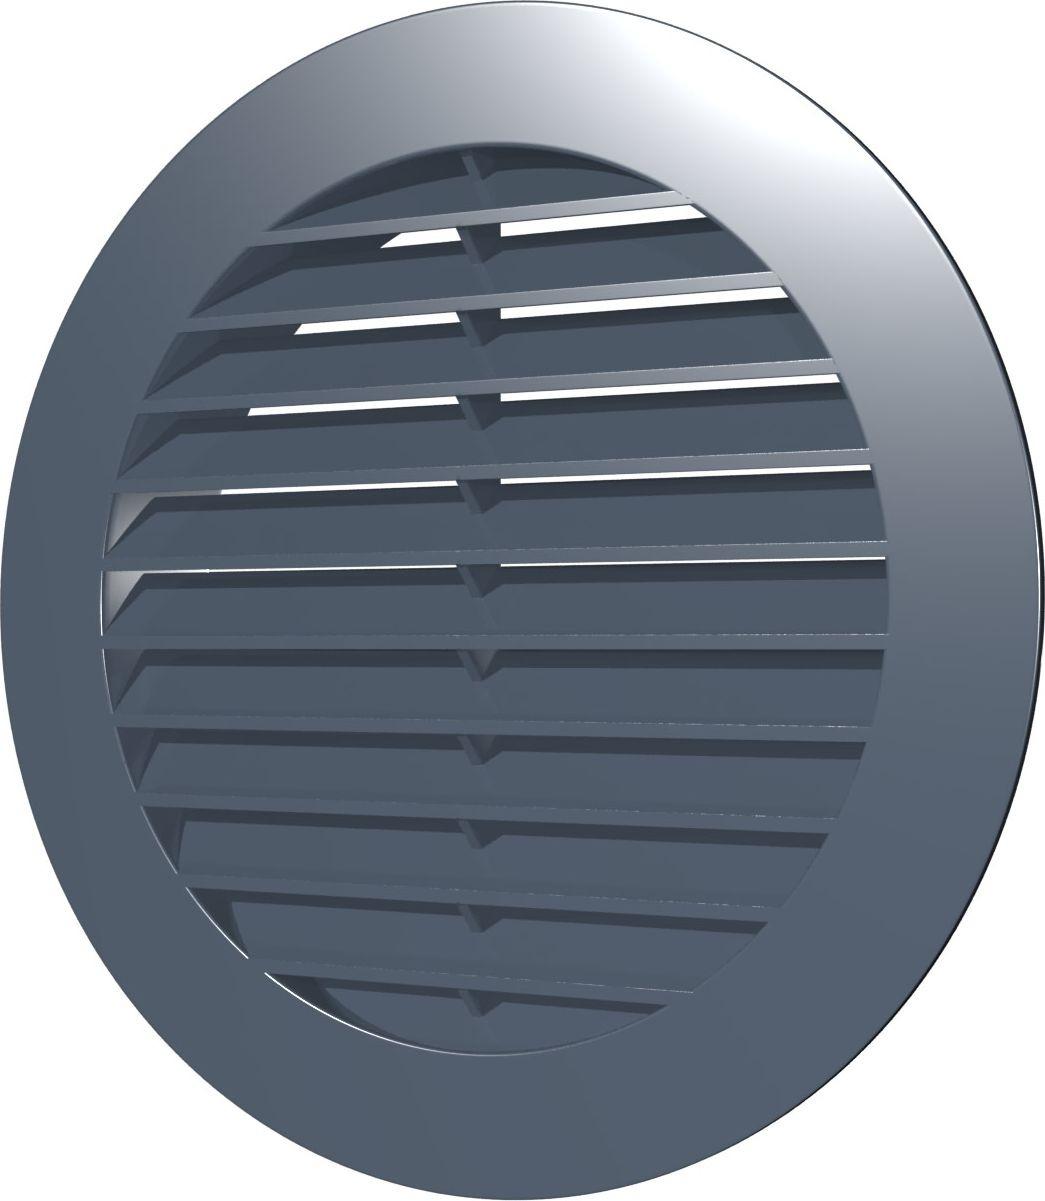 Вентиляционная решетка Street Line, 12РКН, серый, наружная, круглая, с фланцем